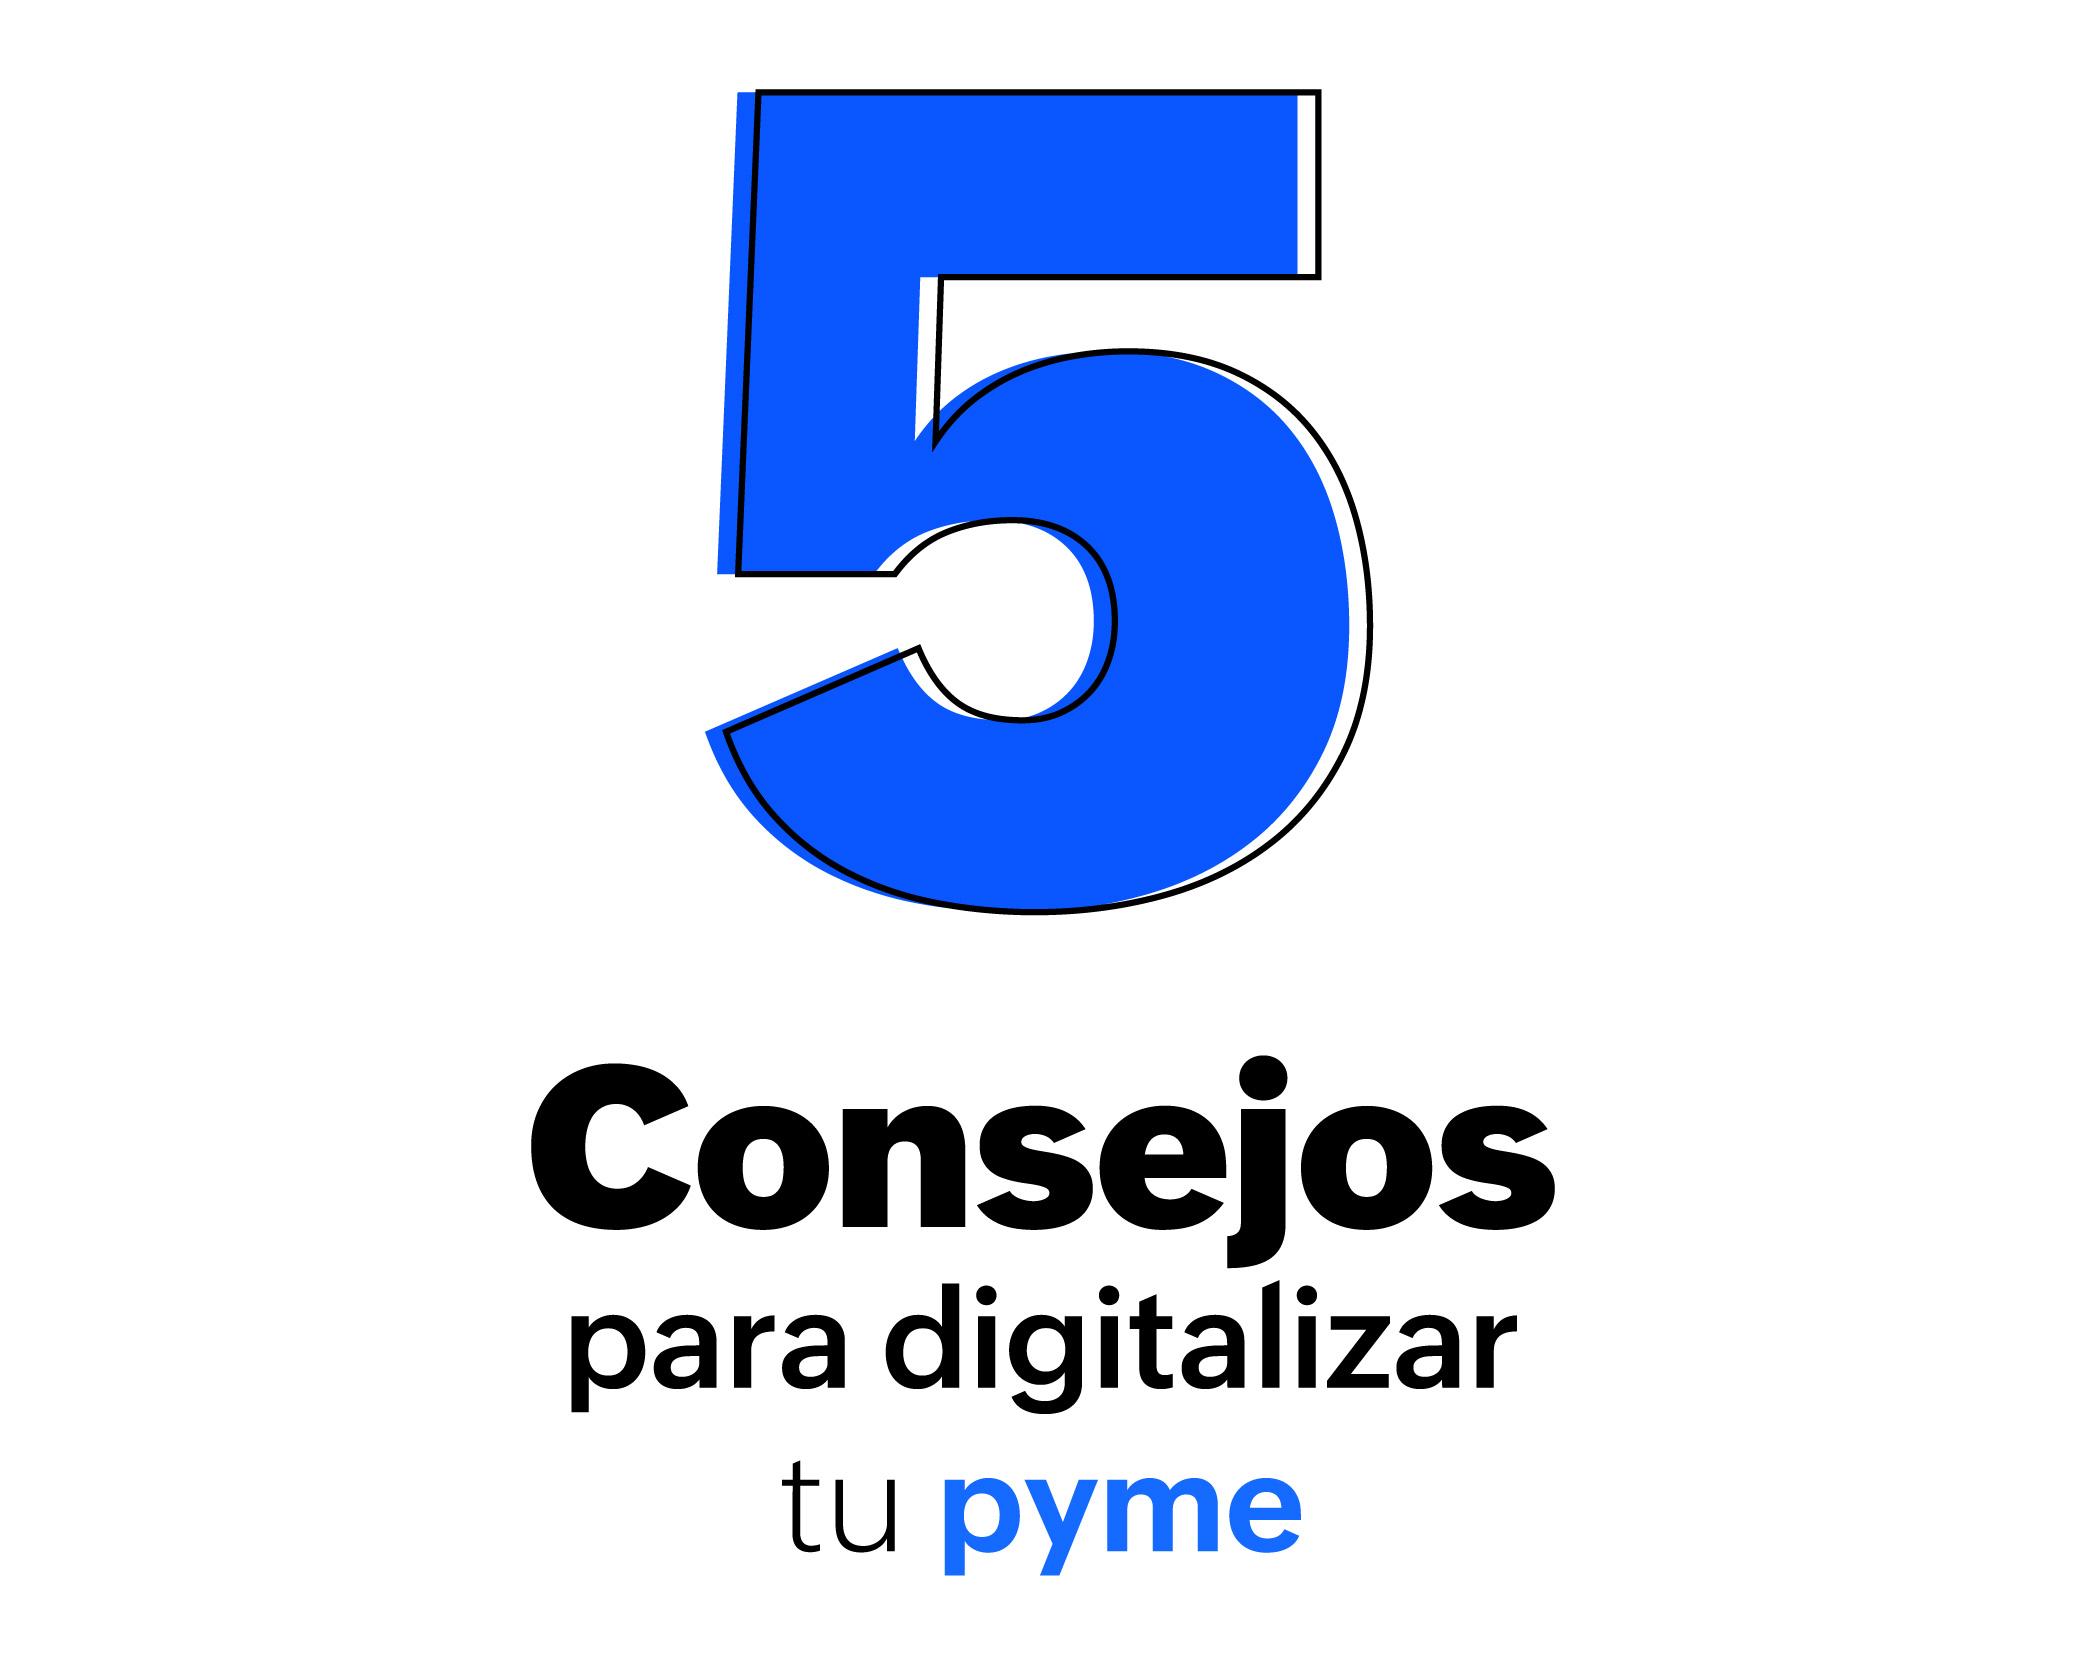 5 consejos para digitalizar tu PyME de manera exitosa